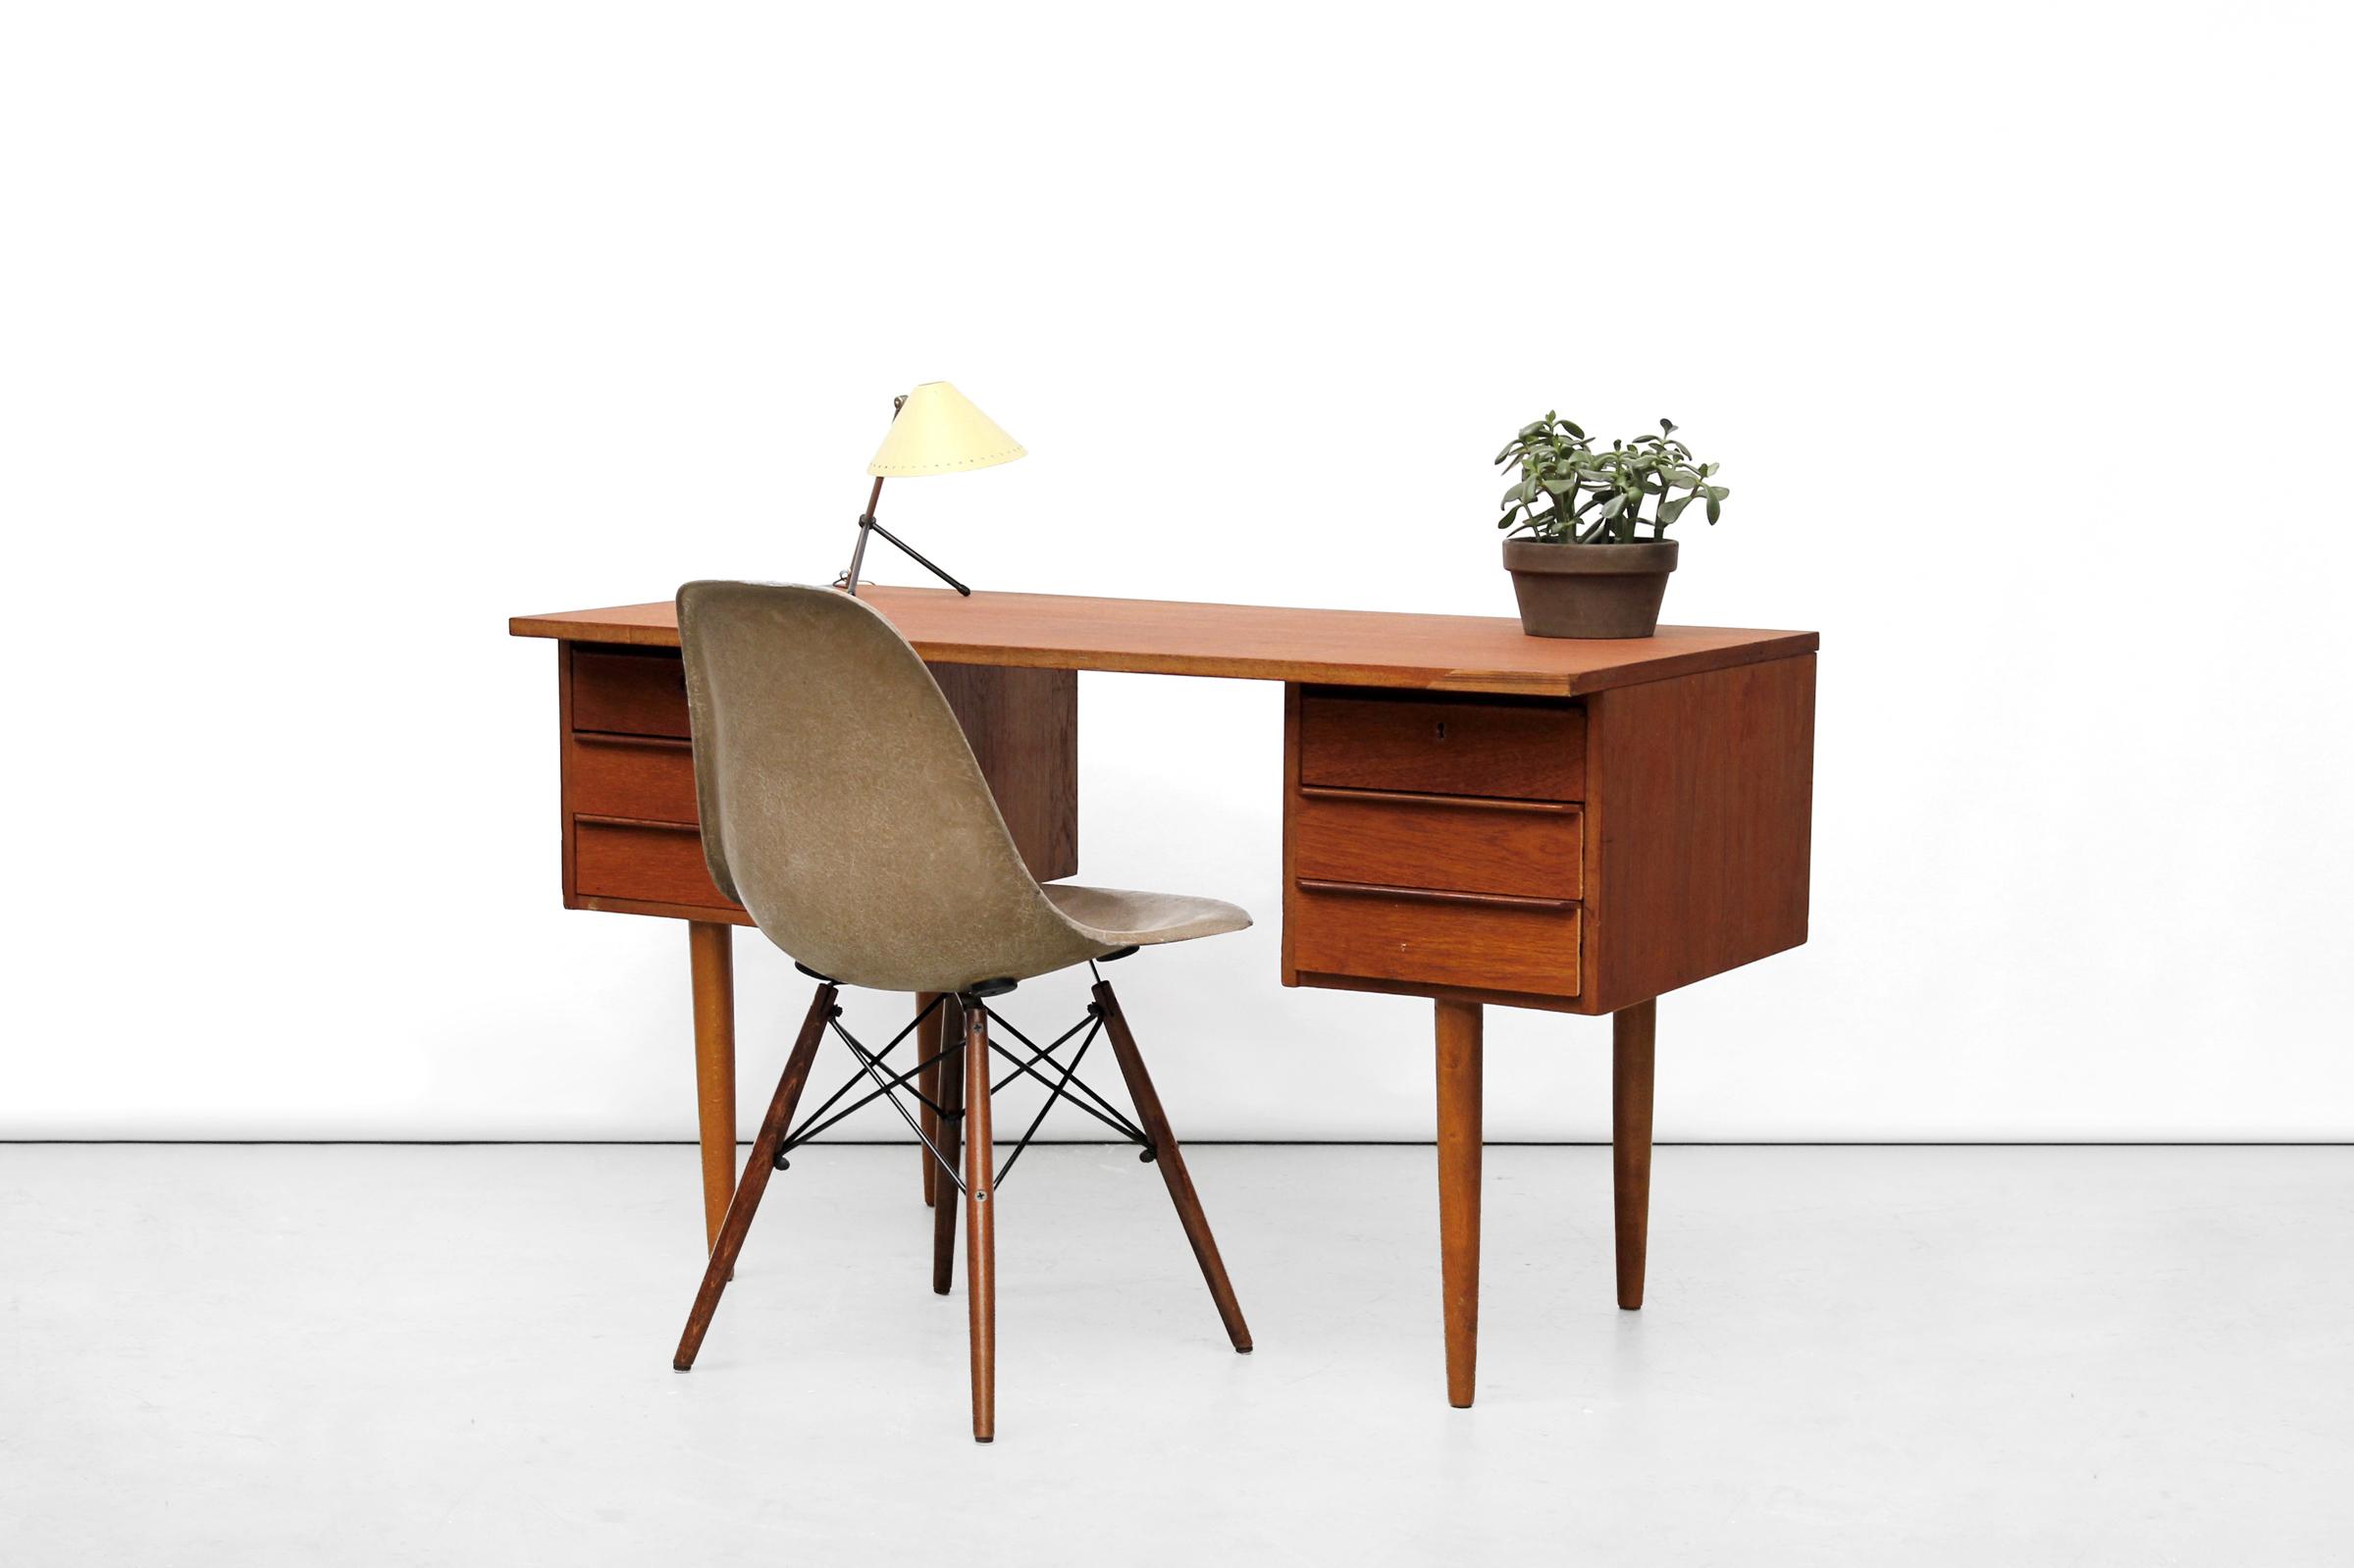 Vintage deens design bureau te koop bij van ons vintage design